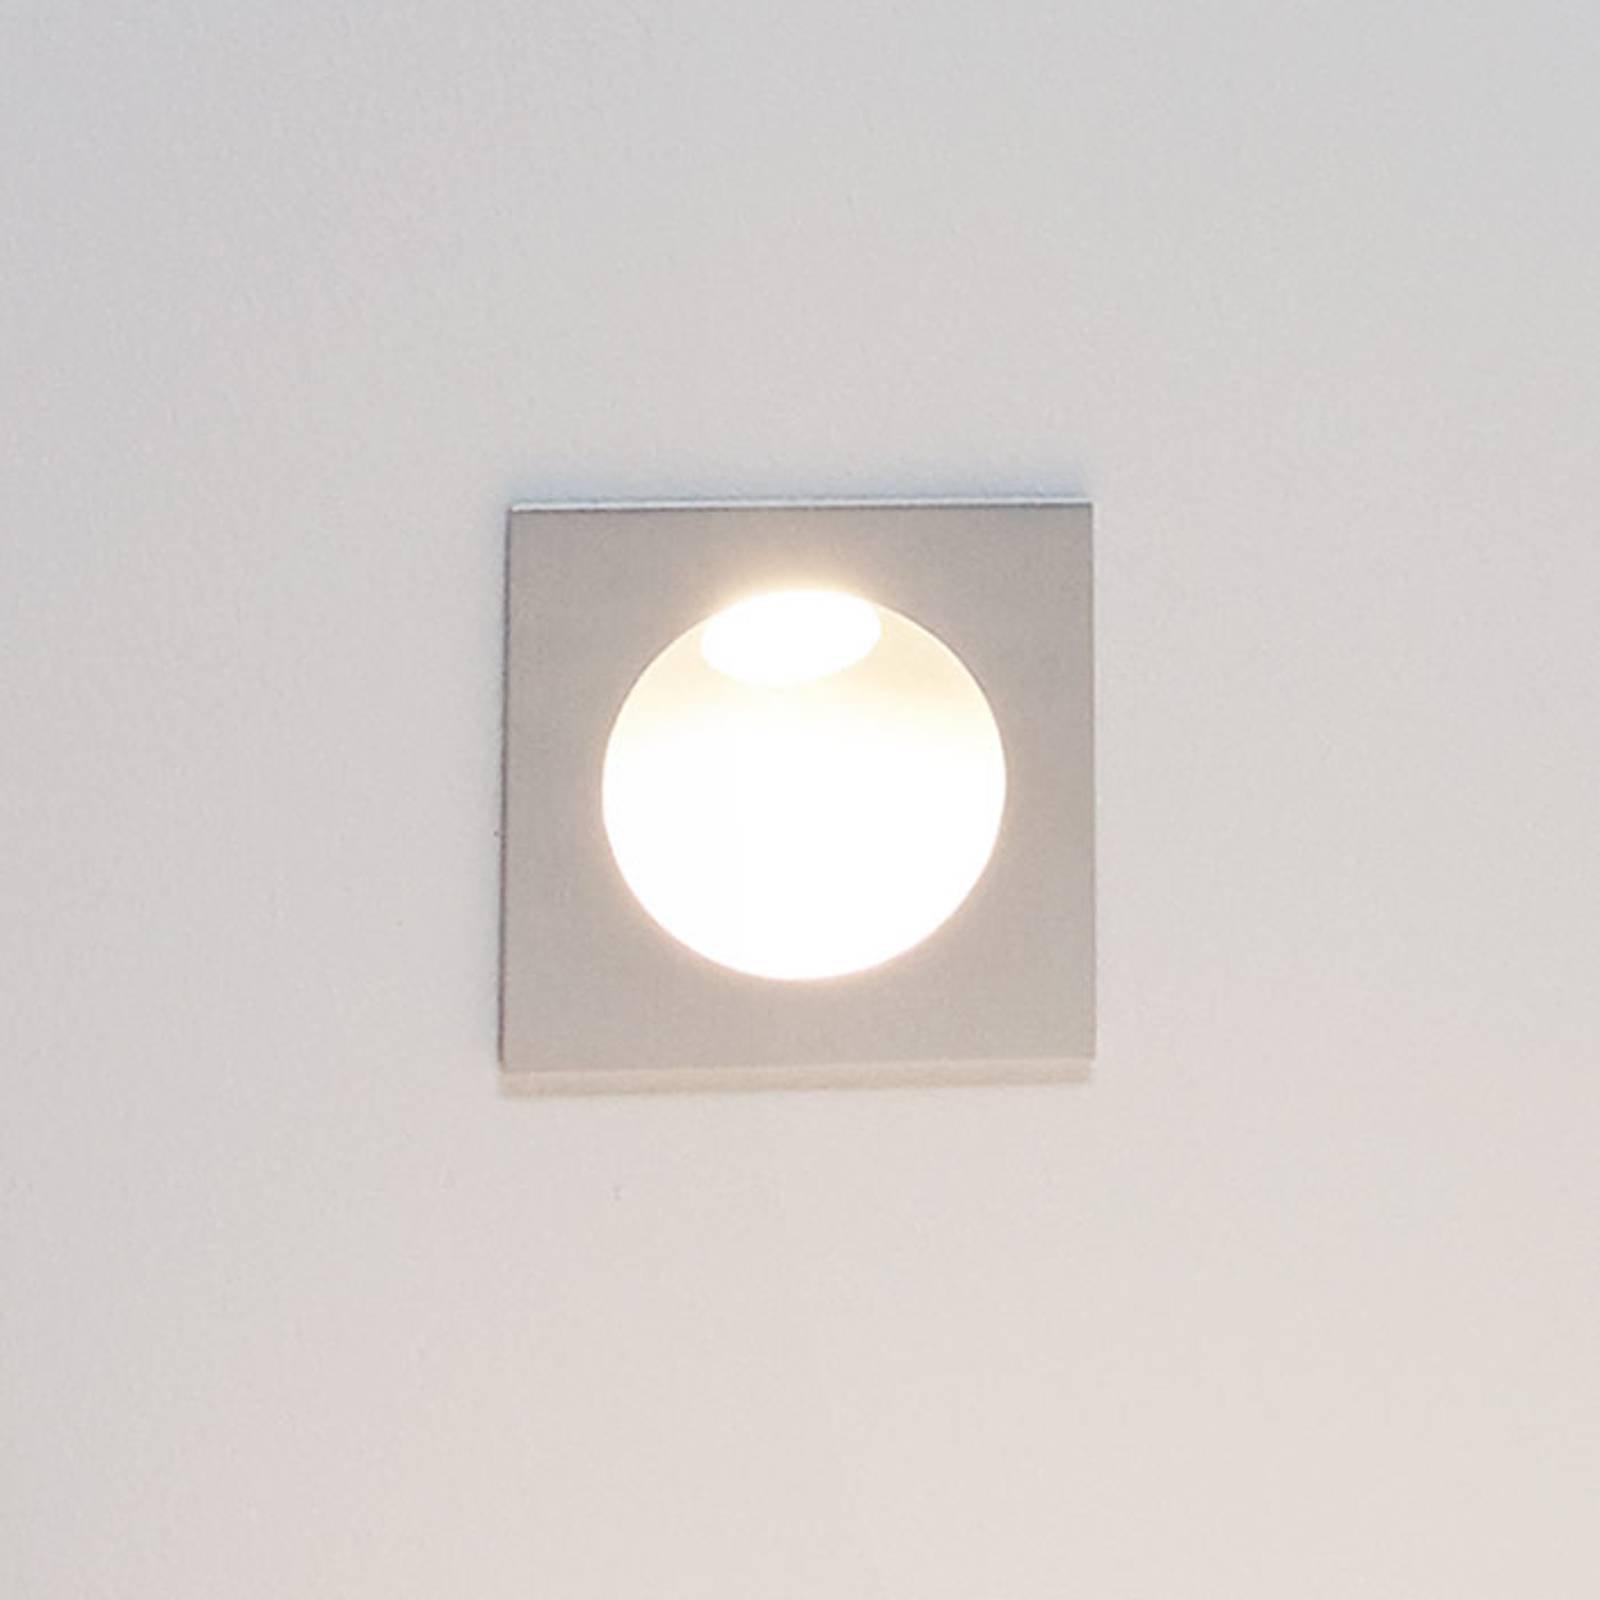 LED-innfelt vegglampe Zarate, sølv